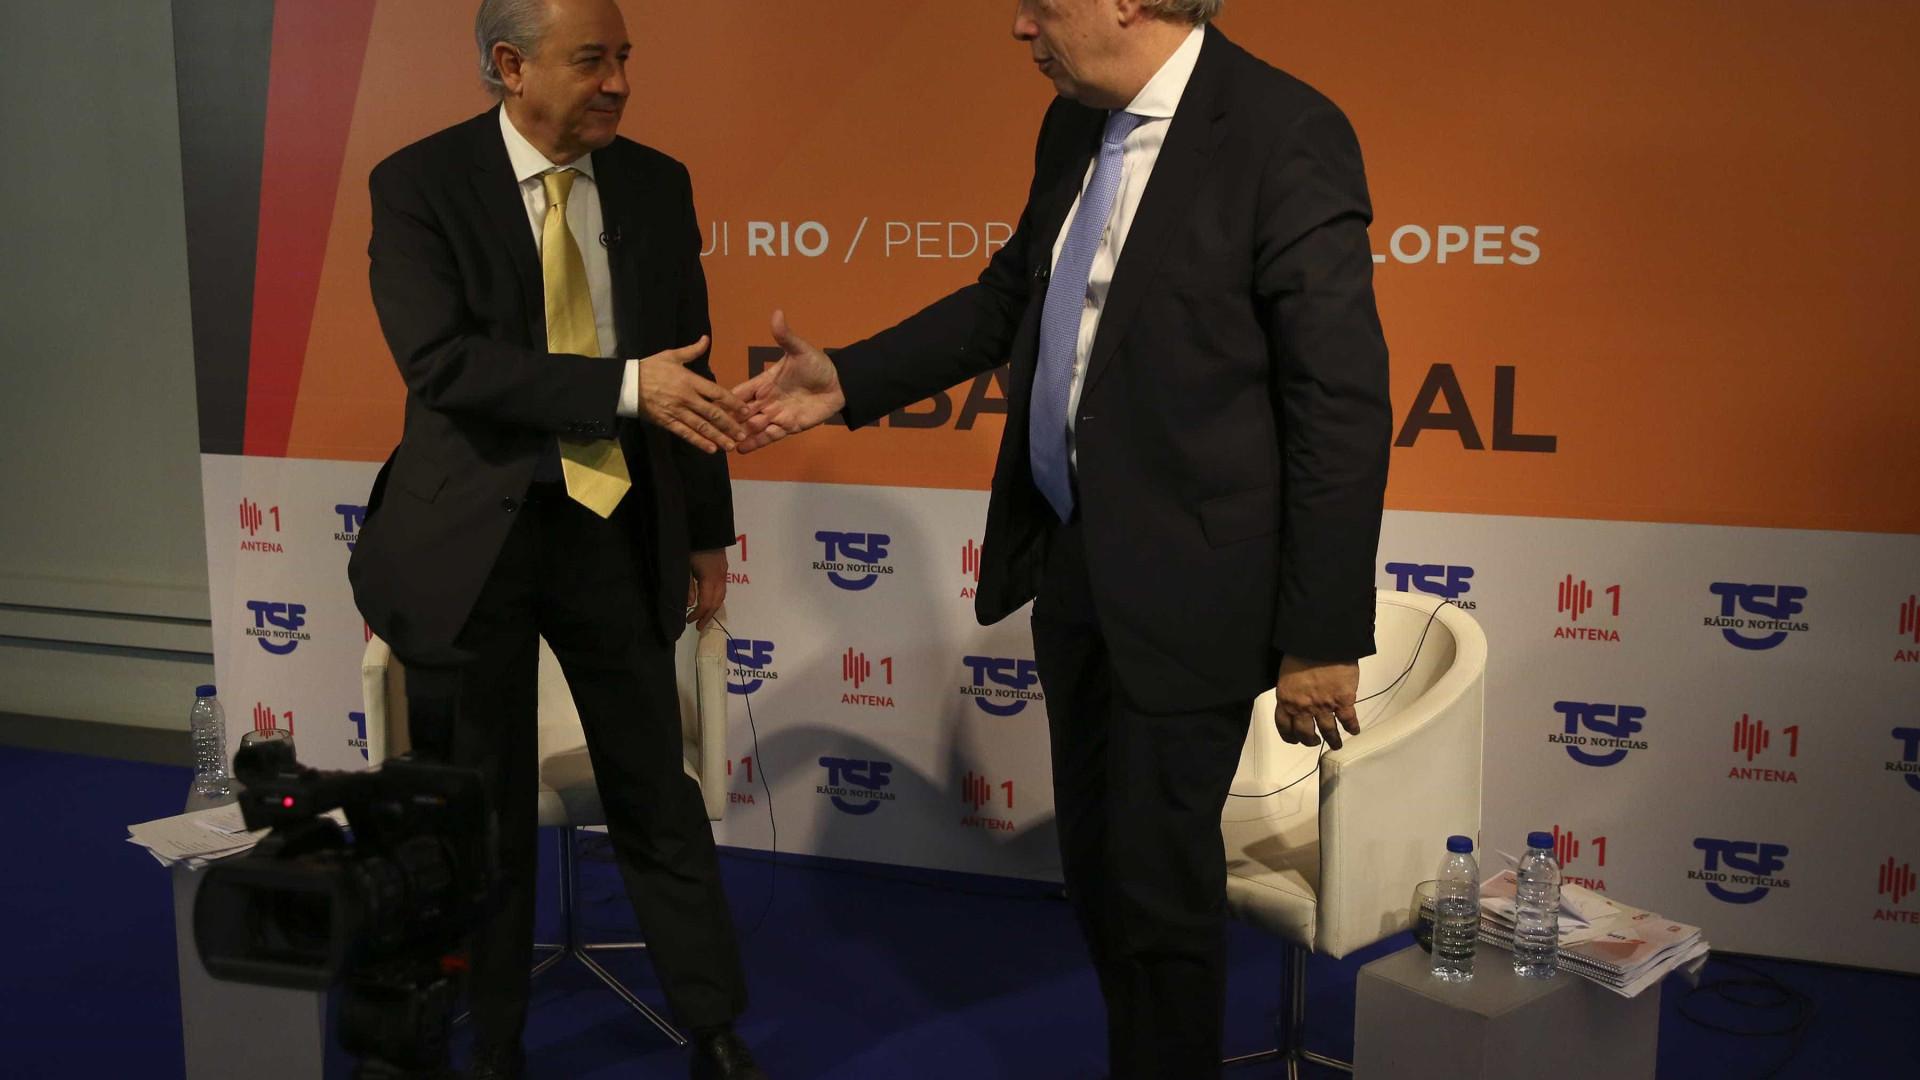 Chegada de Rio cria convulsão na bancada parlamentar do PSD